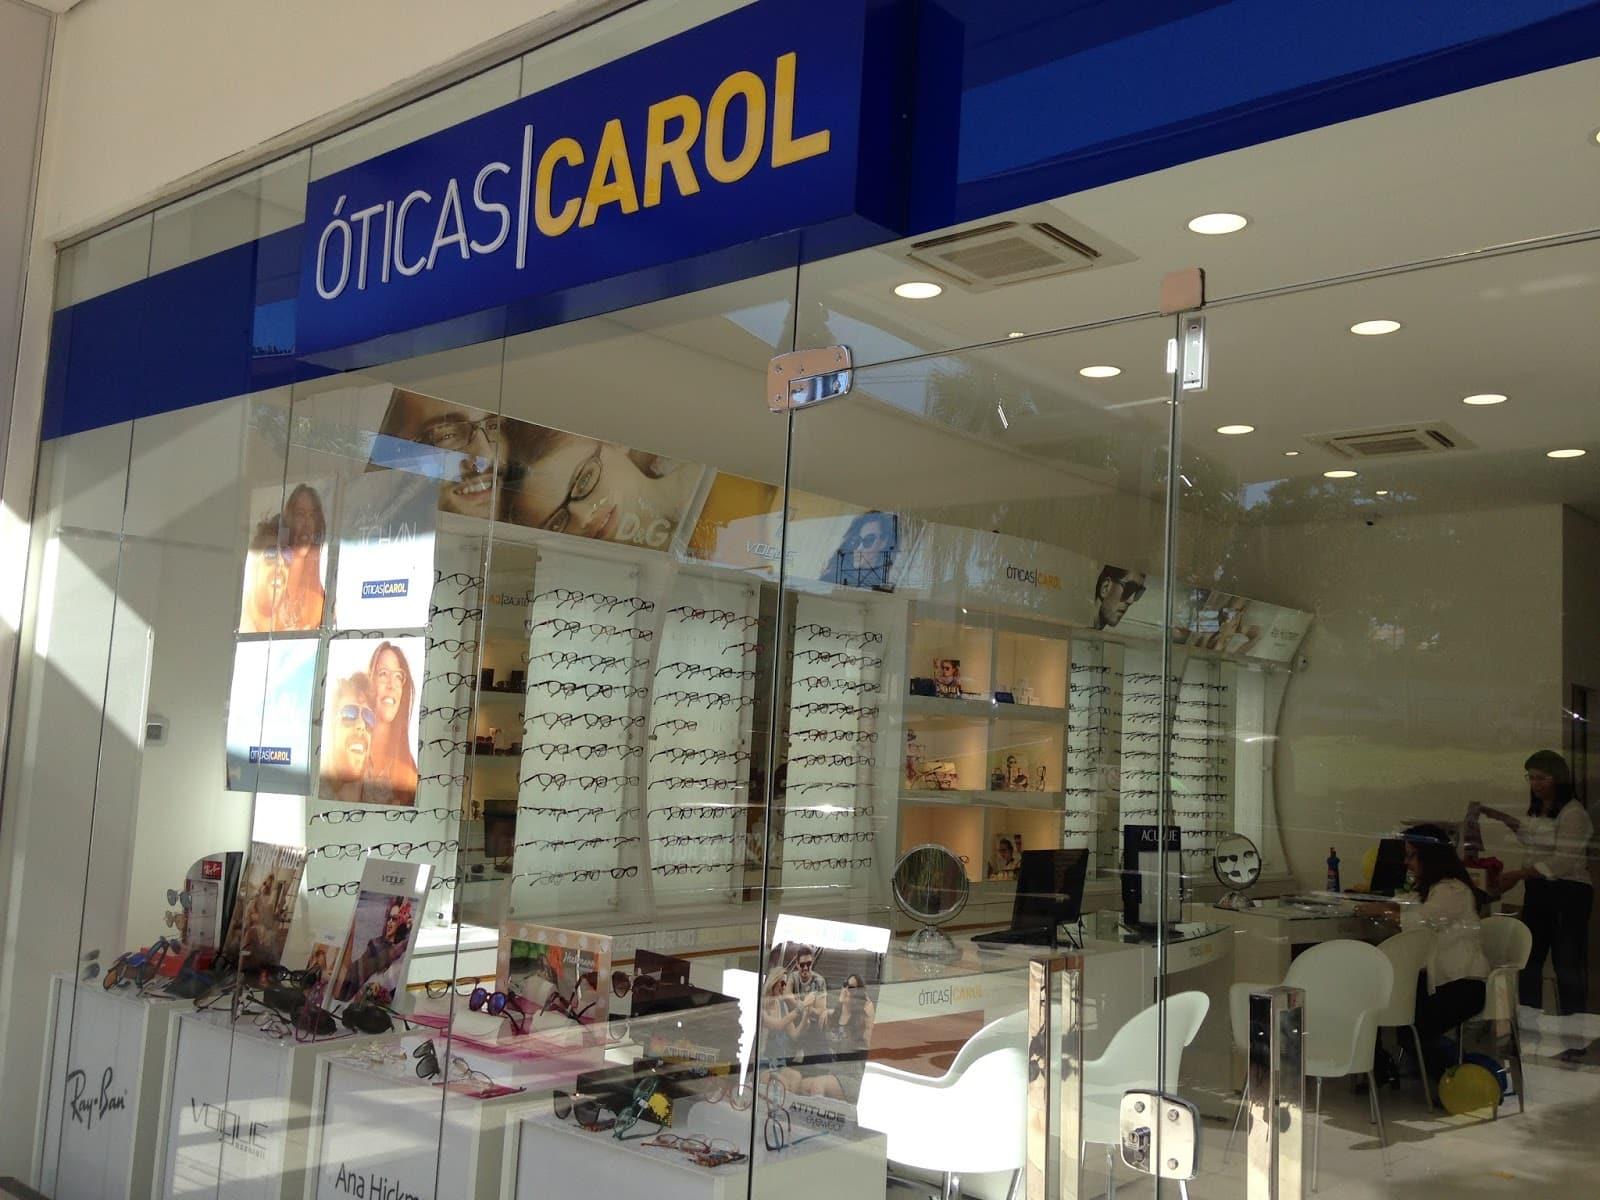 Criada em 1997, a empresa começou a expandir com franquias a partir dos  anos 2000. O foco é em óculos de grau ... c7d0ec4775